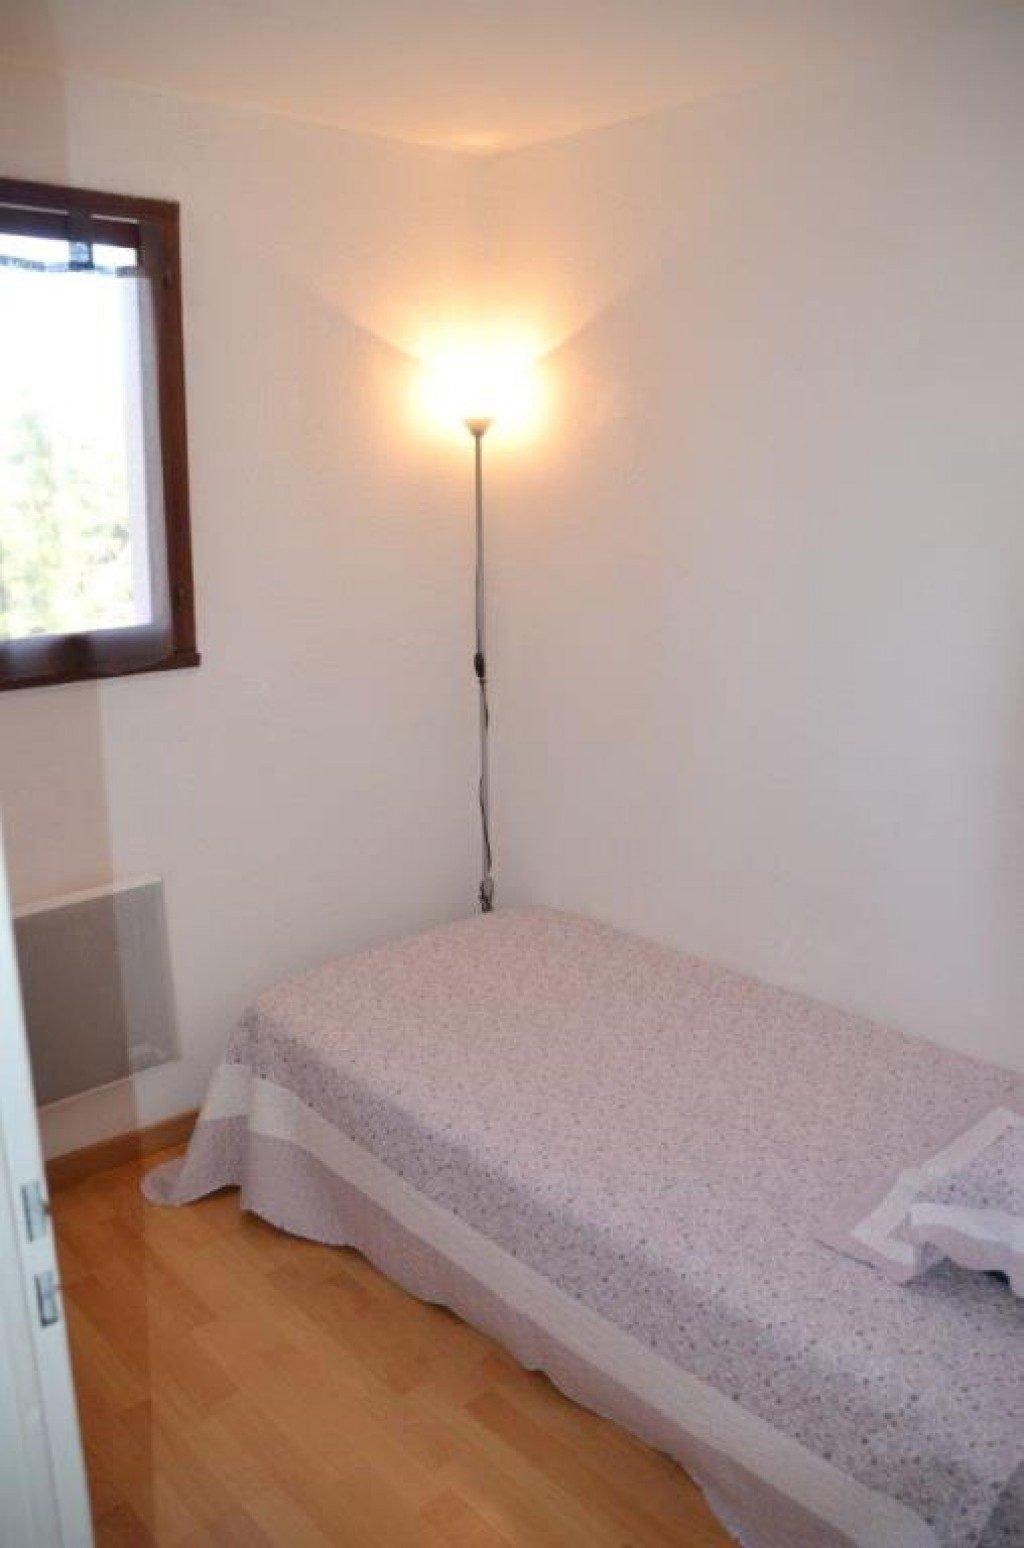 St-Cyprien-Plage, à 250 m de la plage, à vendre ce très bel appartement T3 en Duplex vendu meublé avec ...